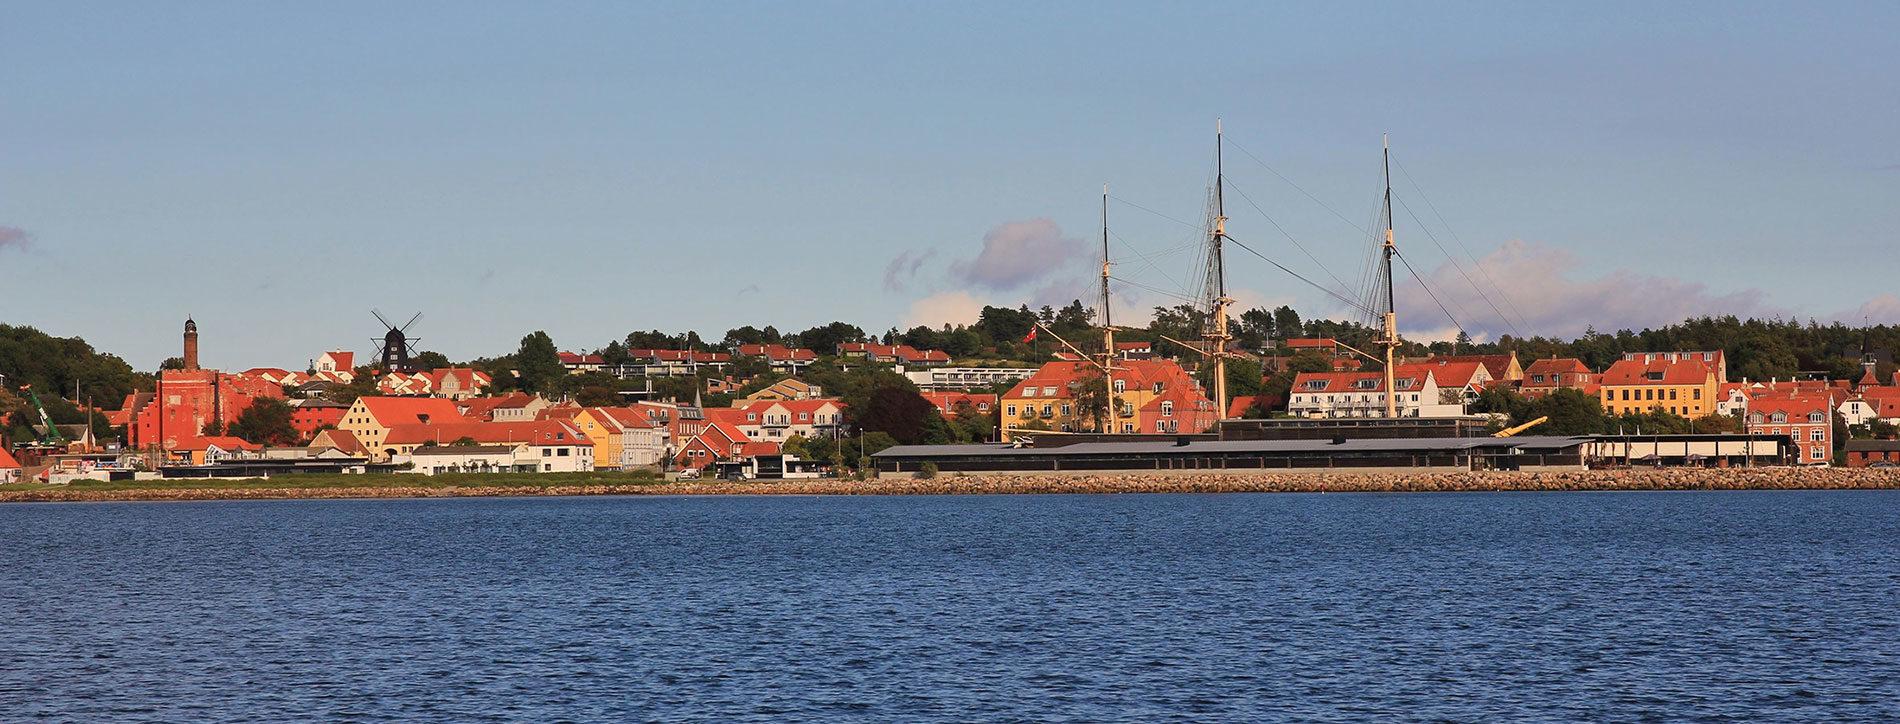 swinger jylland amatør porno dansk